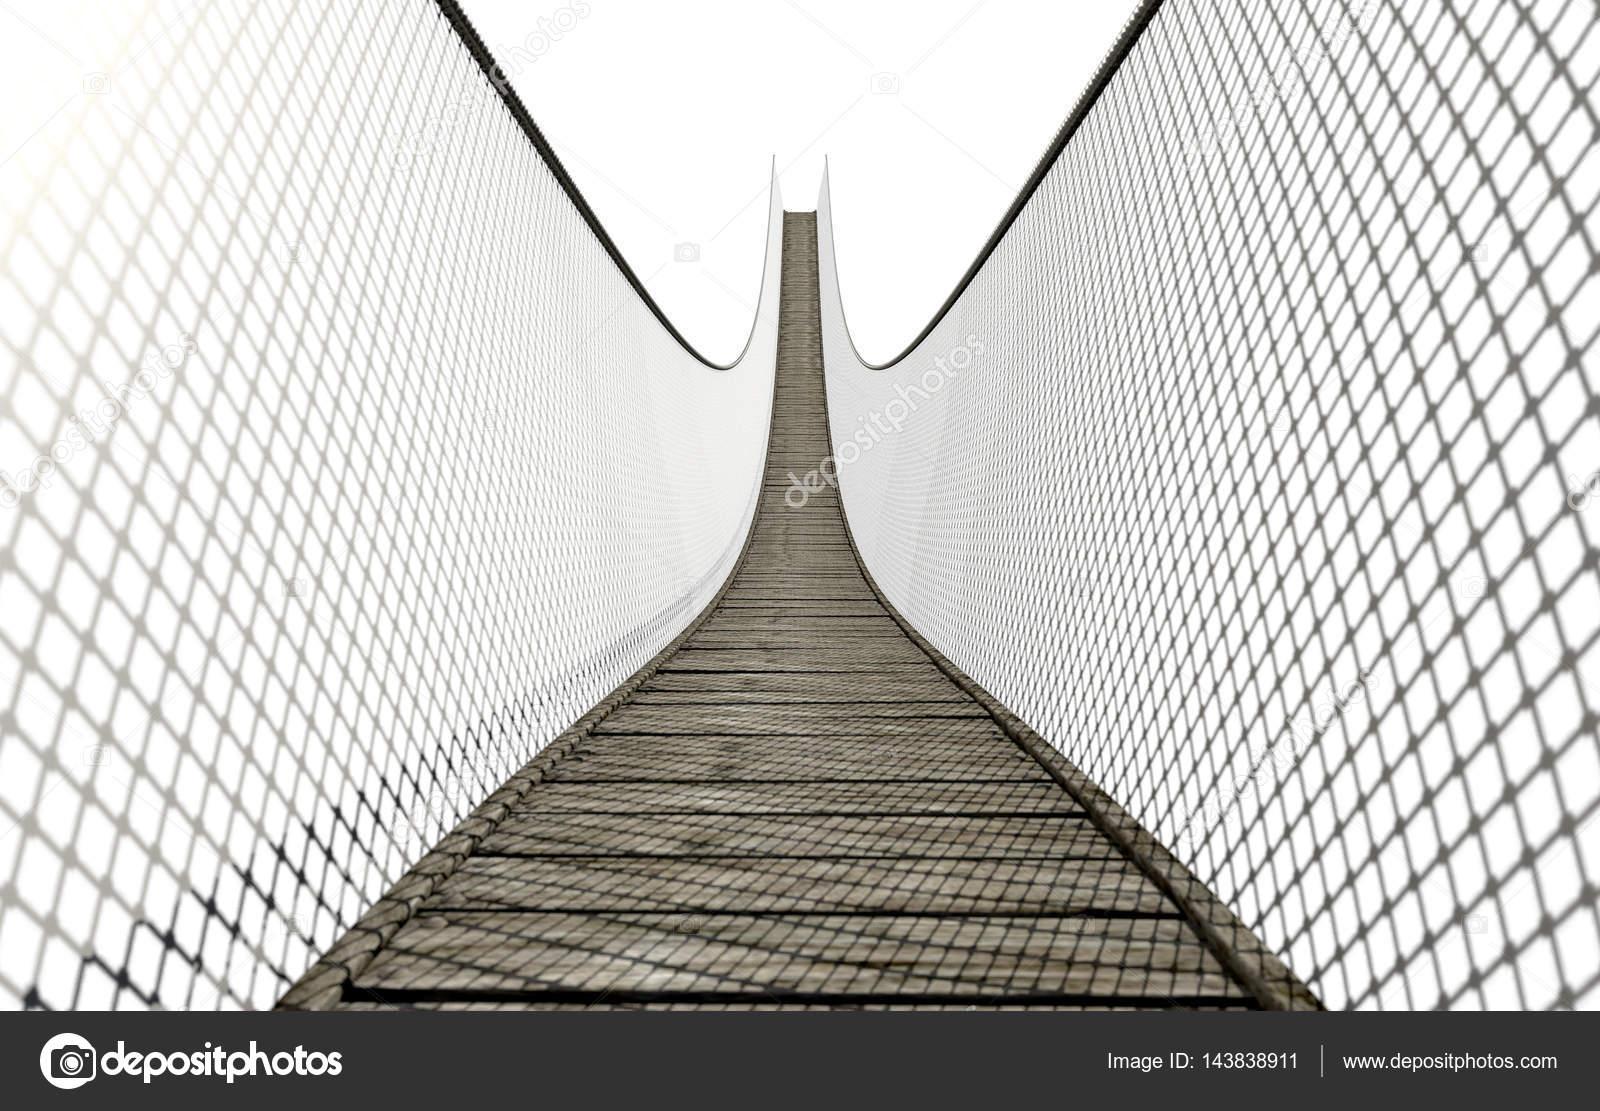 Rope Bridge On White — Stock Photo © albund #143838911